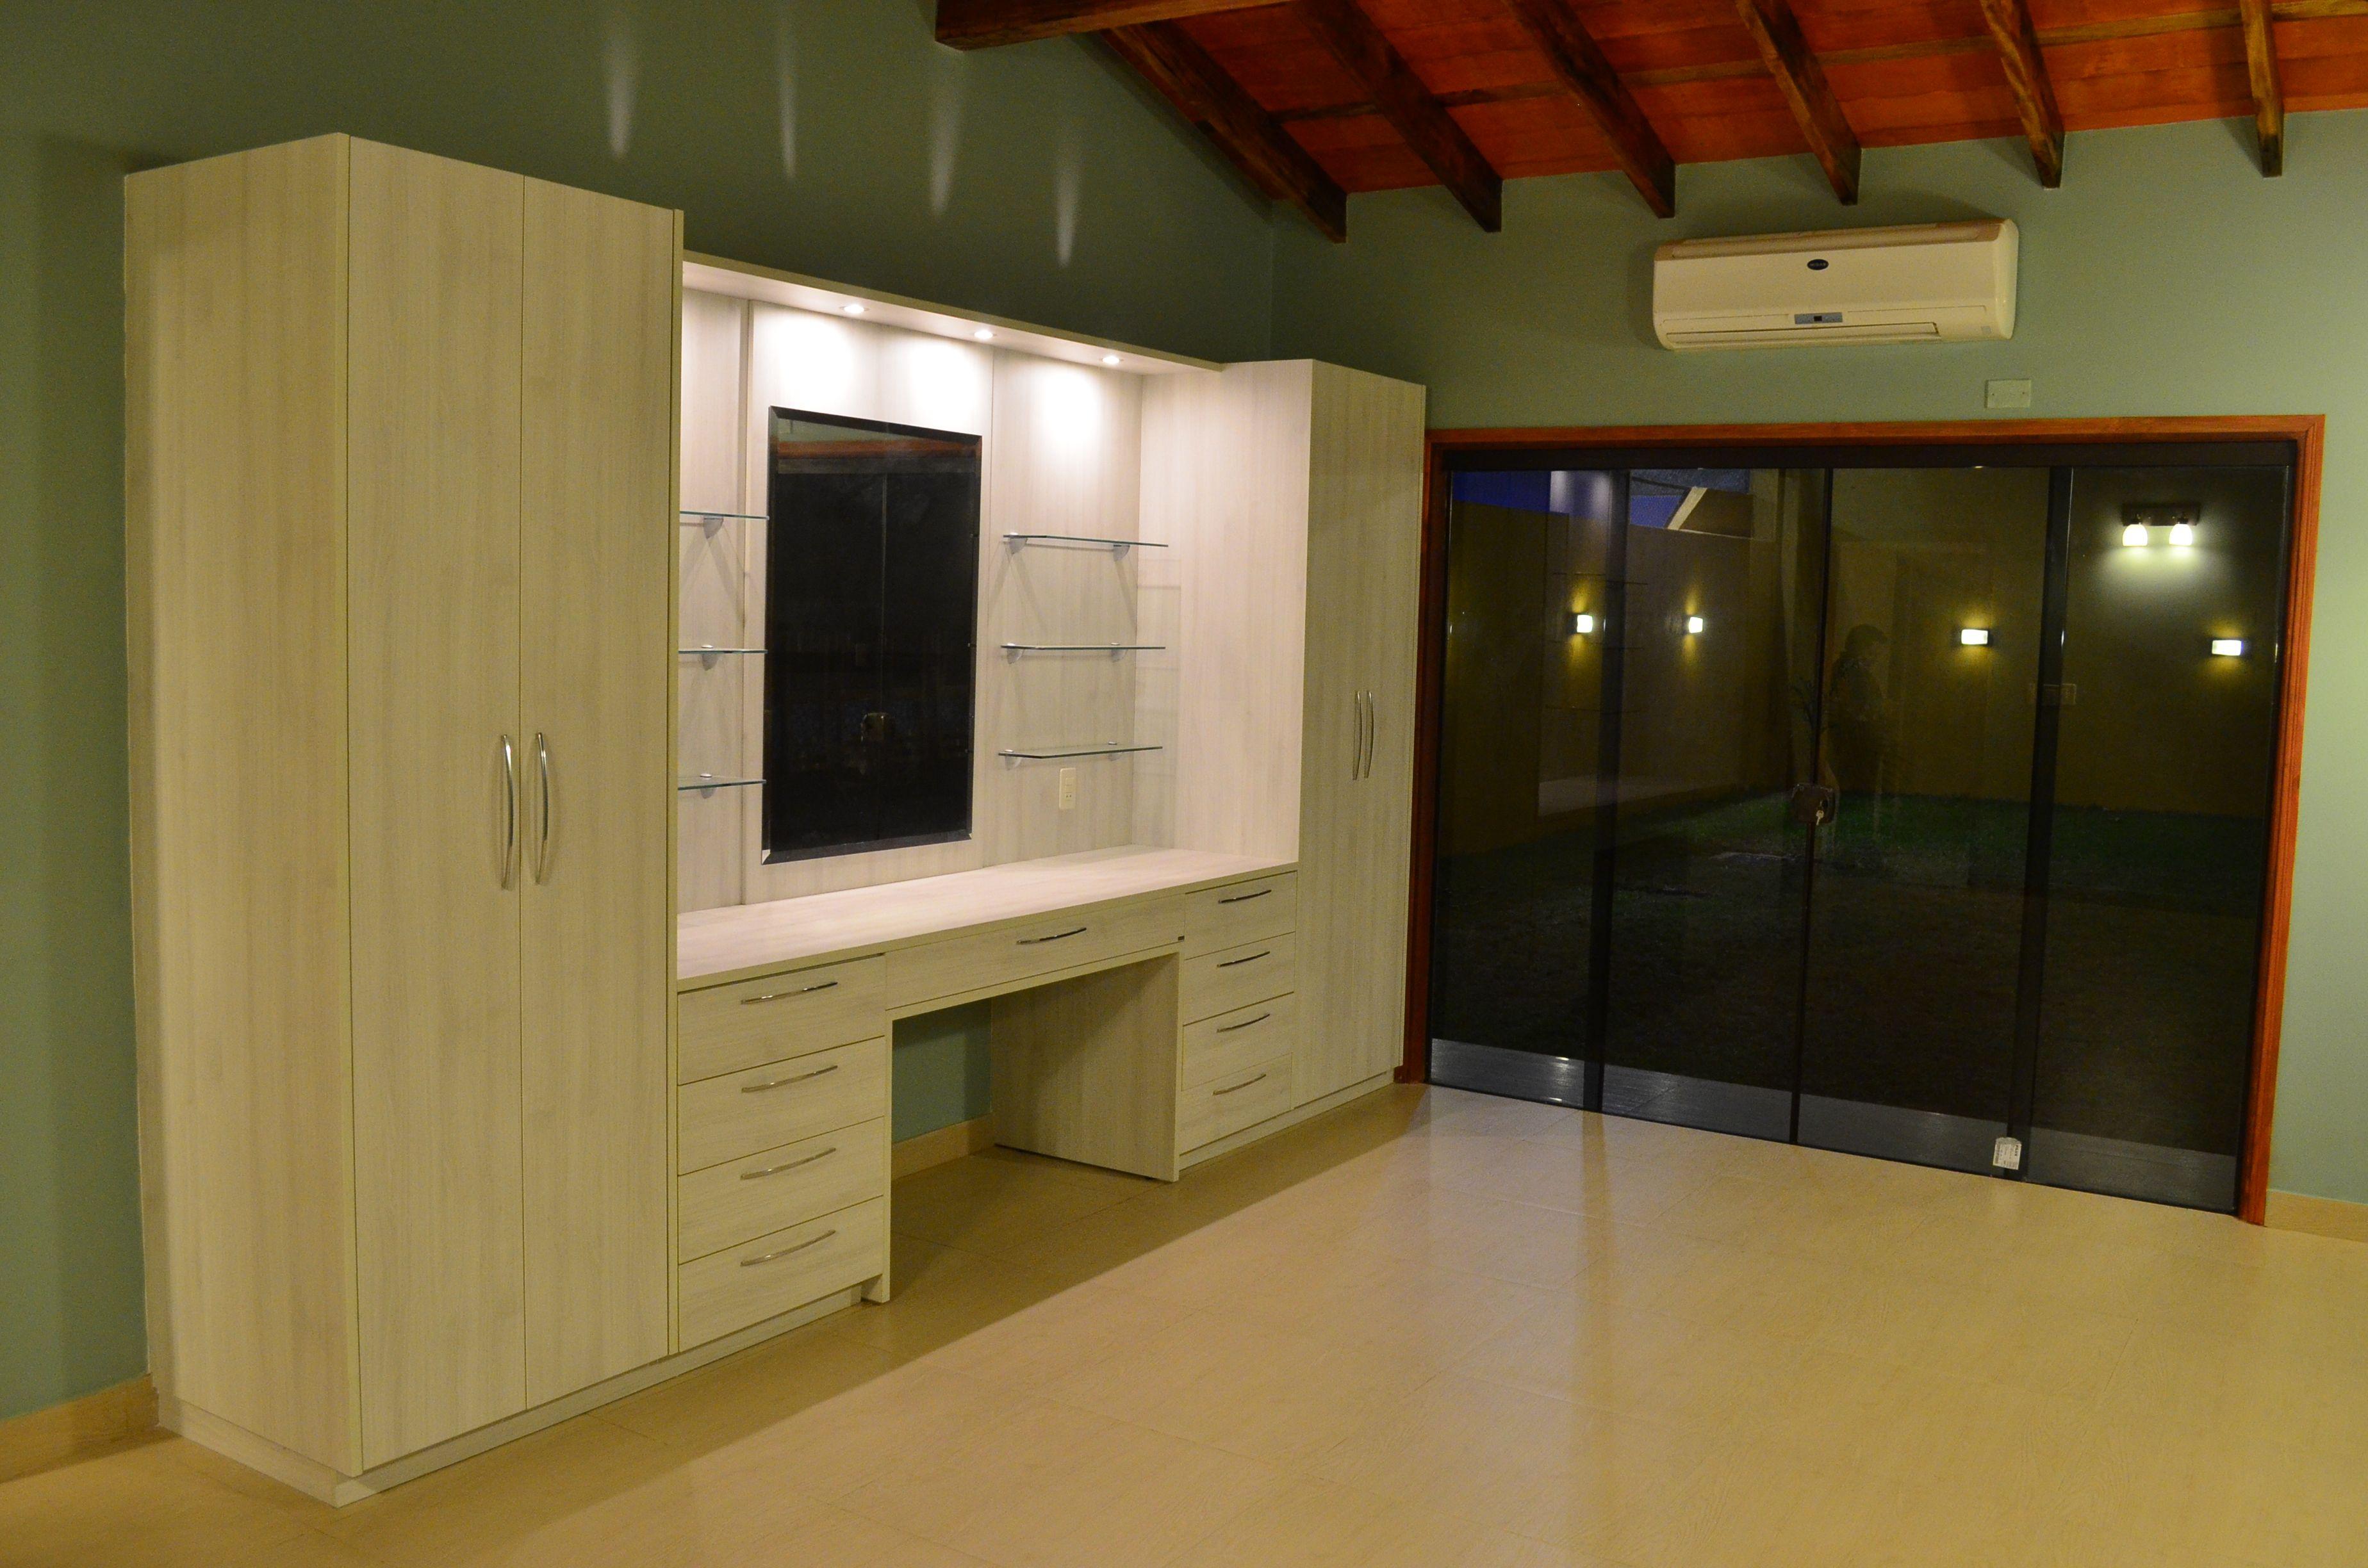 Dormitorio principal, imagenes del mueble tocador